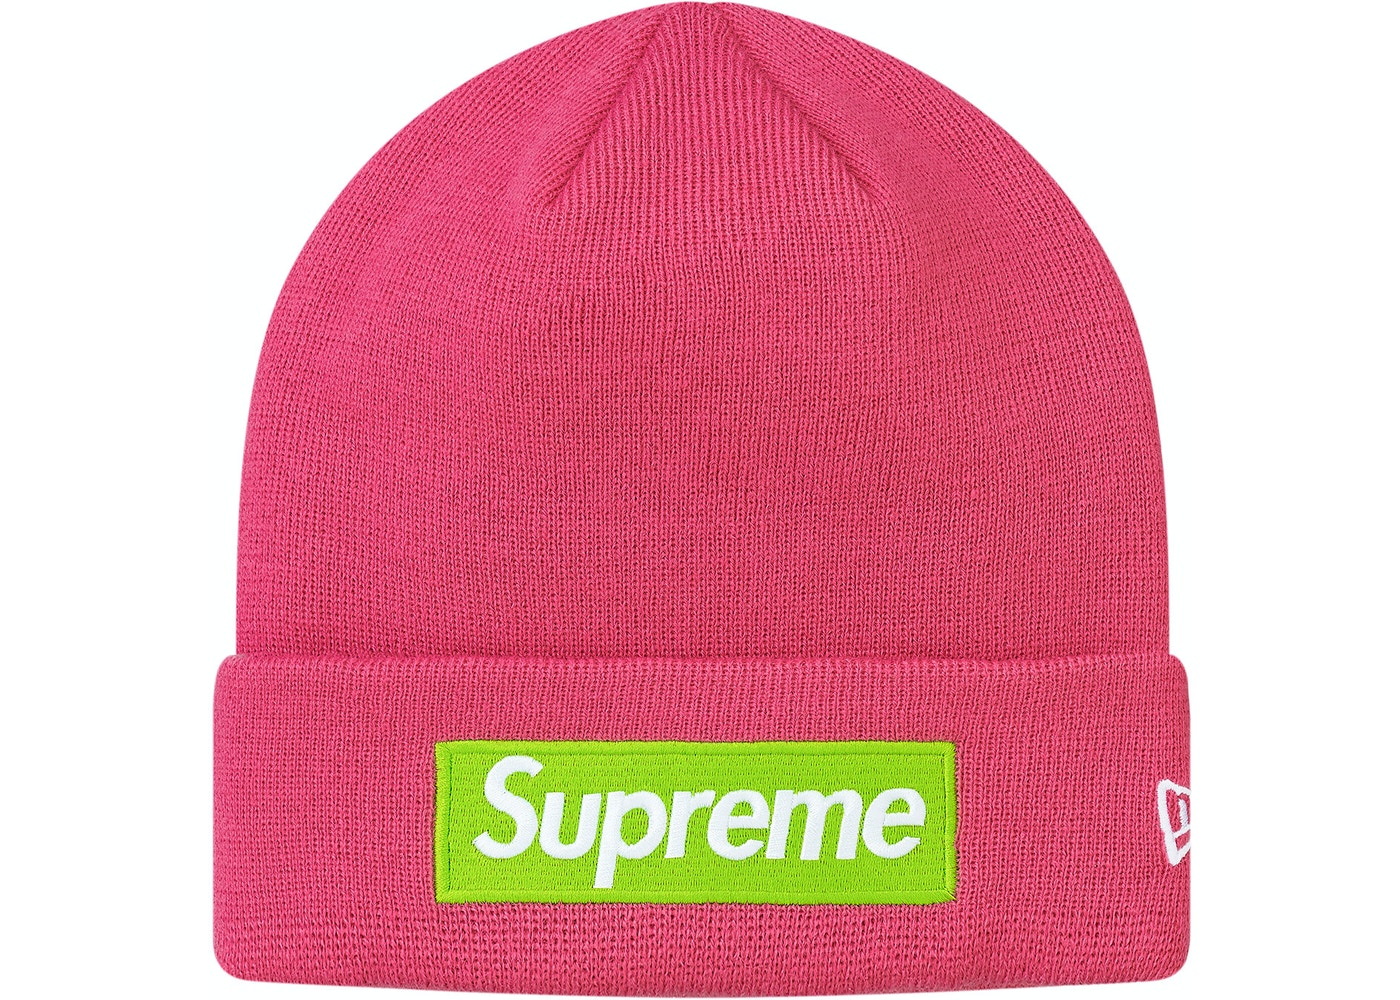 80a80fb5 Supreme Headwear - Buy & Sell Streetwear